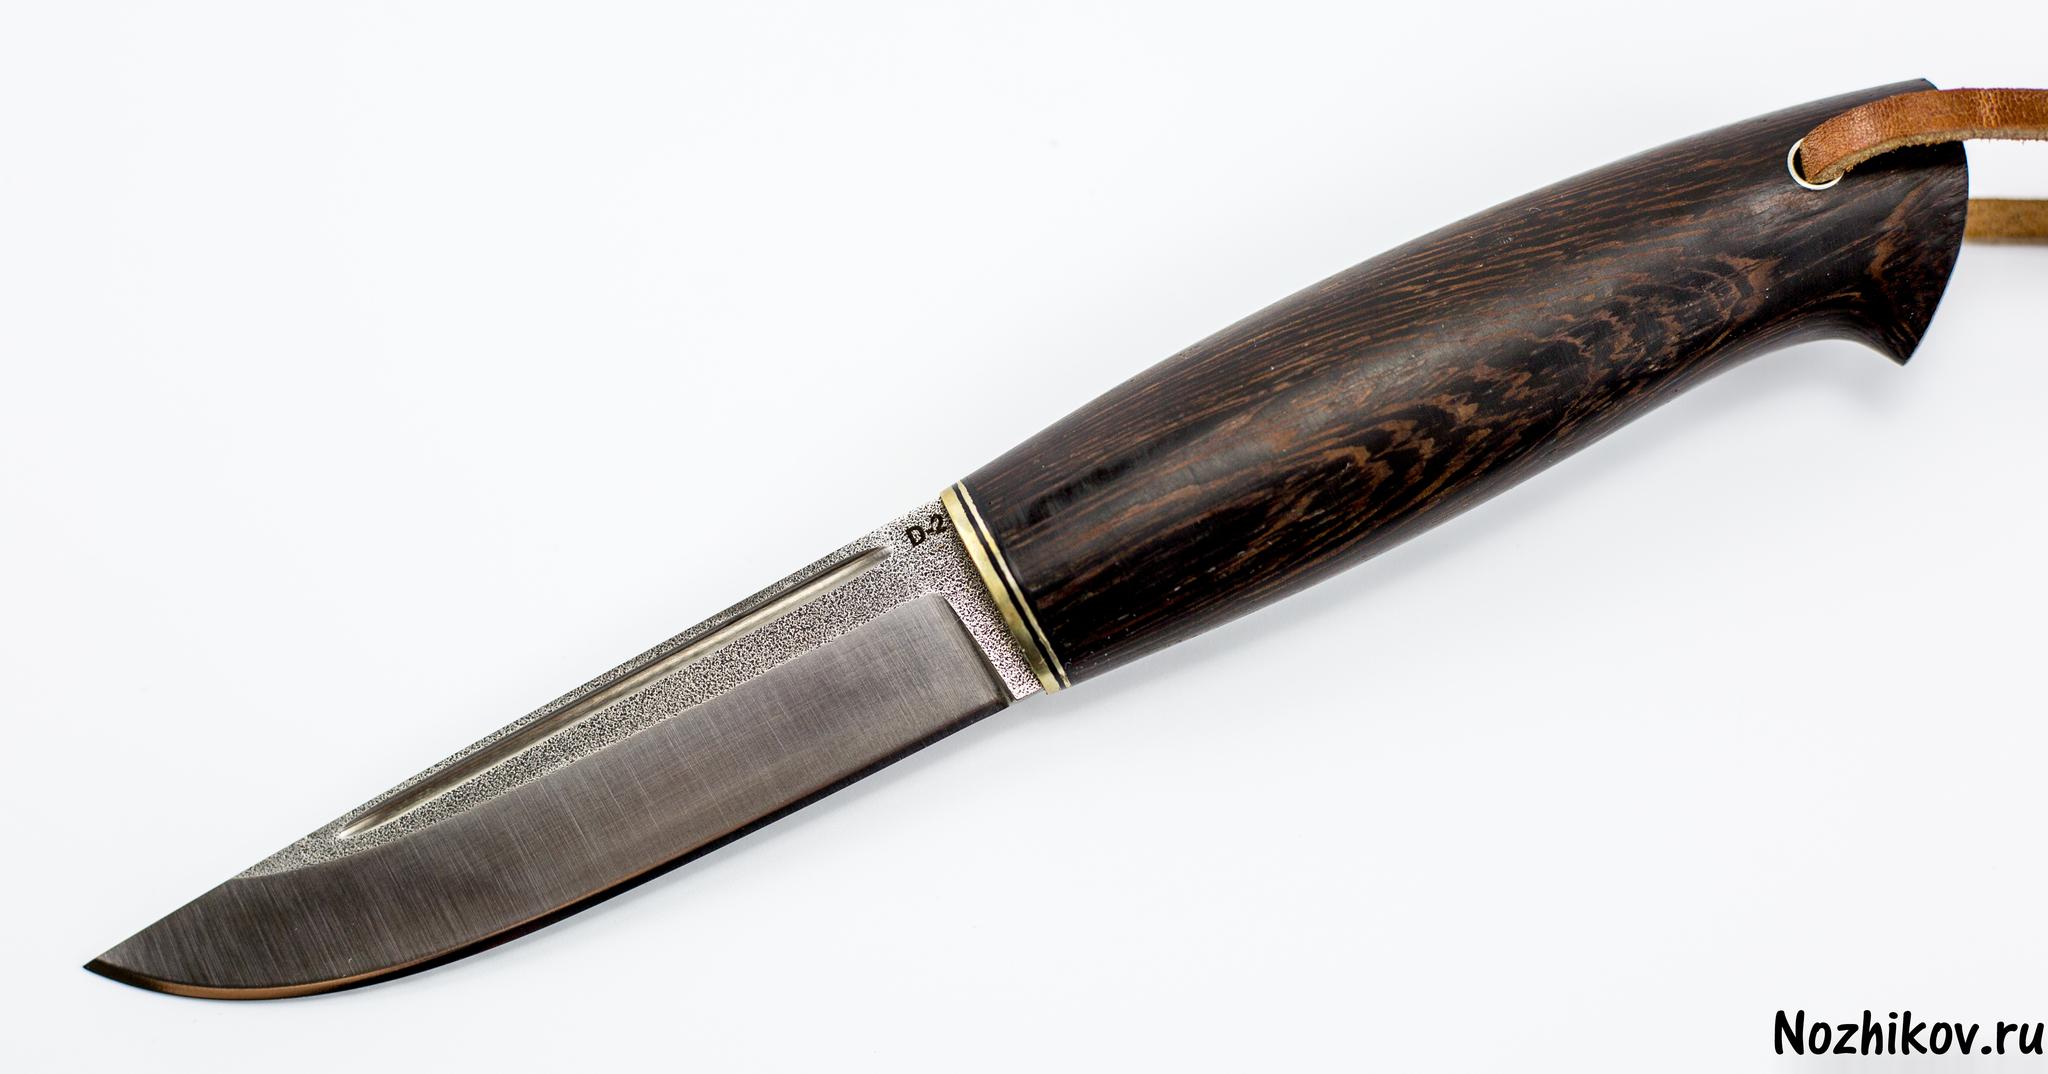 Нож Барбус, сталь D2, венге от Sander